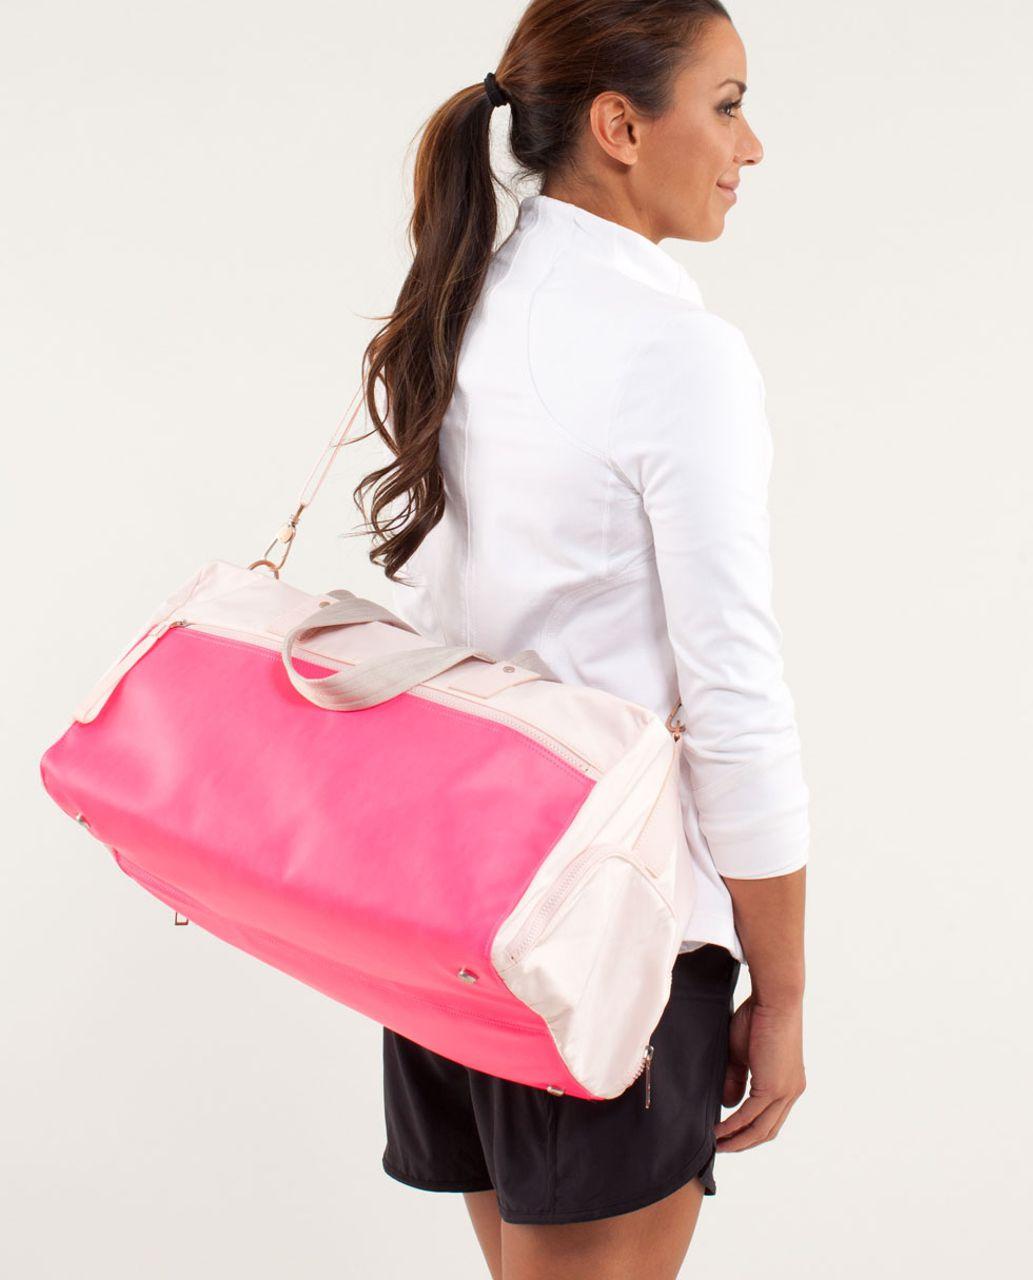 Lululemon Yoga On The Run Duffel - Parfait Pink / Pinkelicious